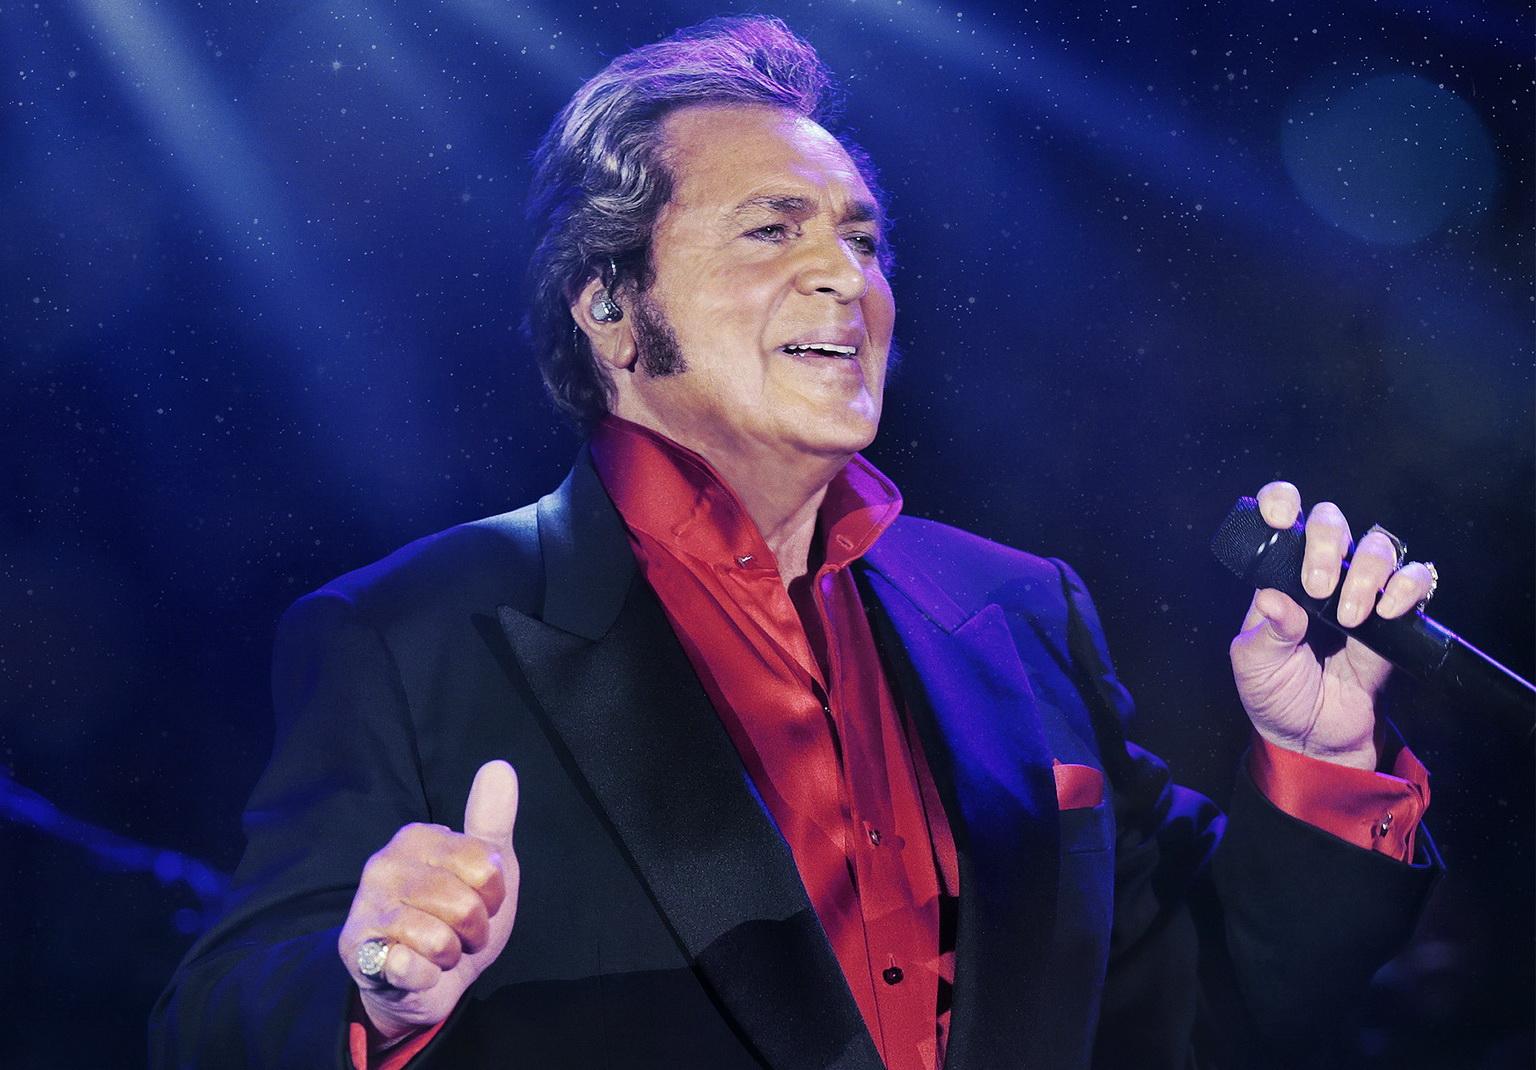 Легендарный певец Энгельберт Хампердинк выступит в Израиле